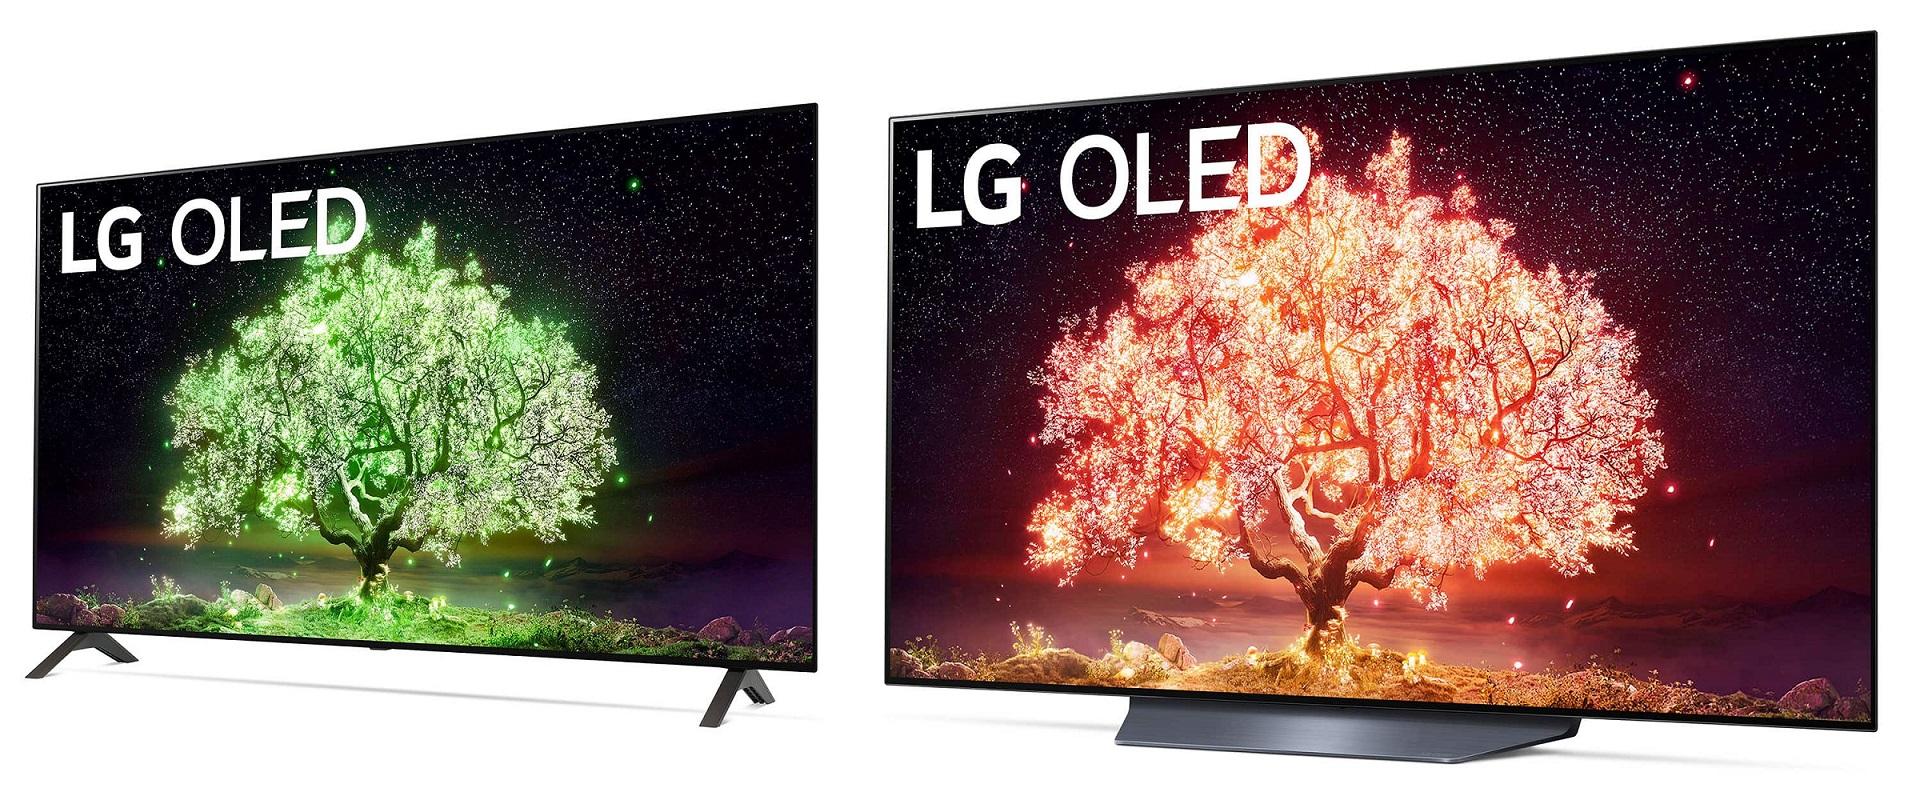 LG OLED A1 B1 TV 2021